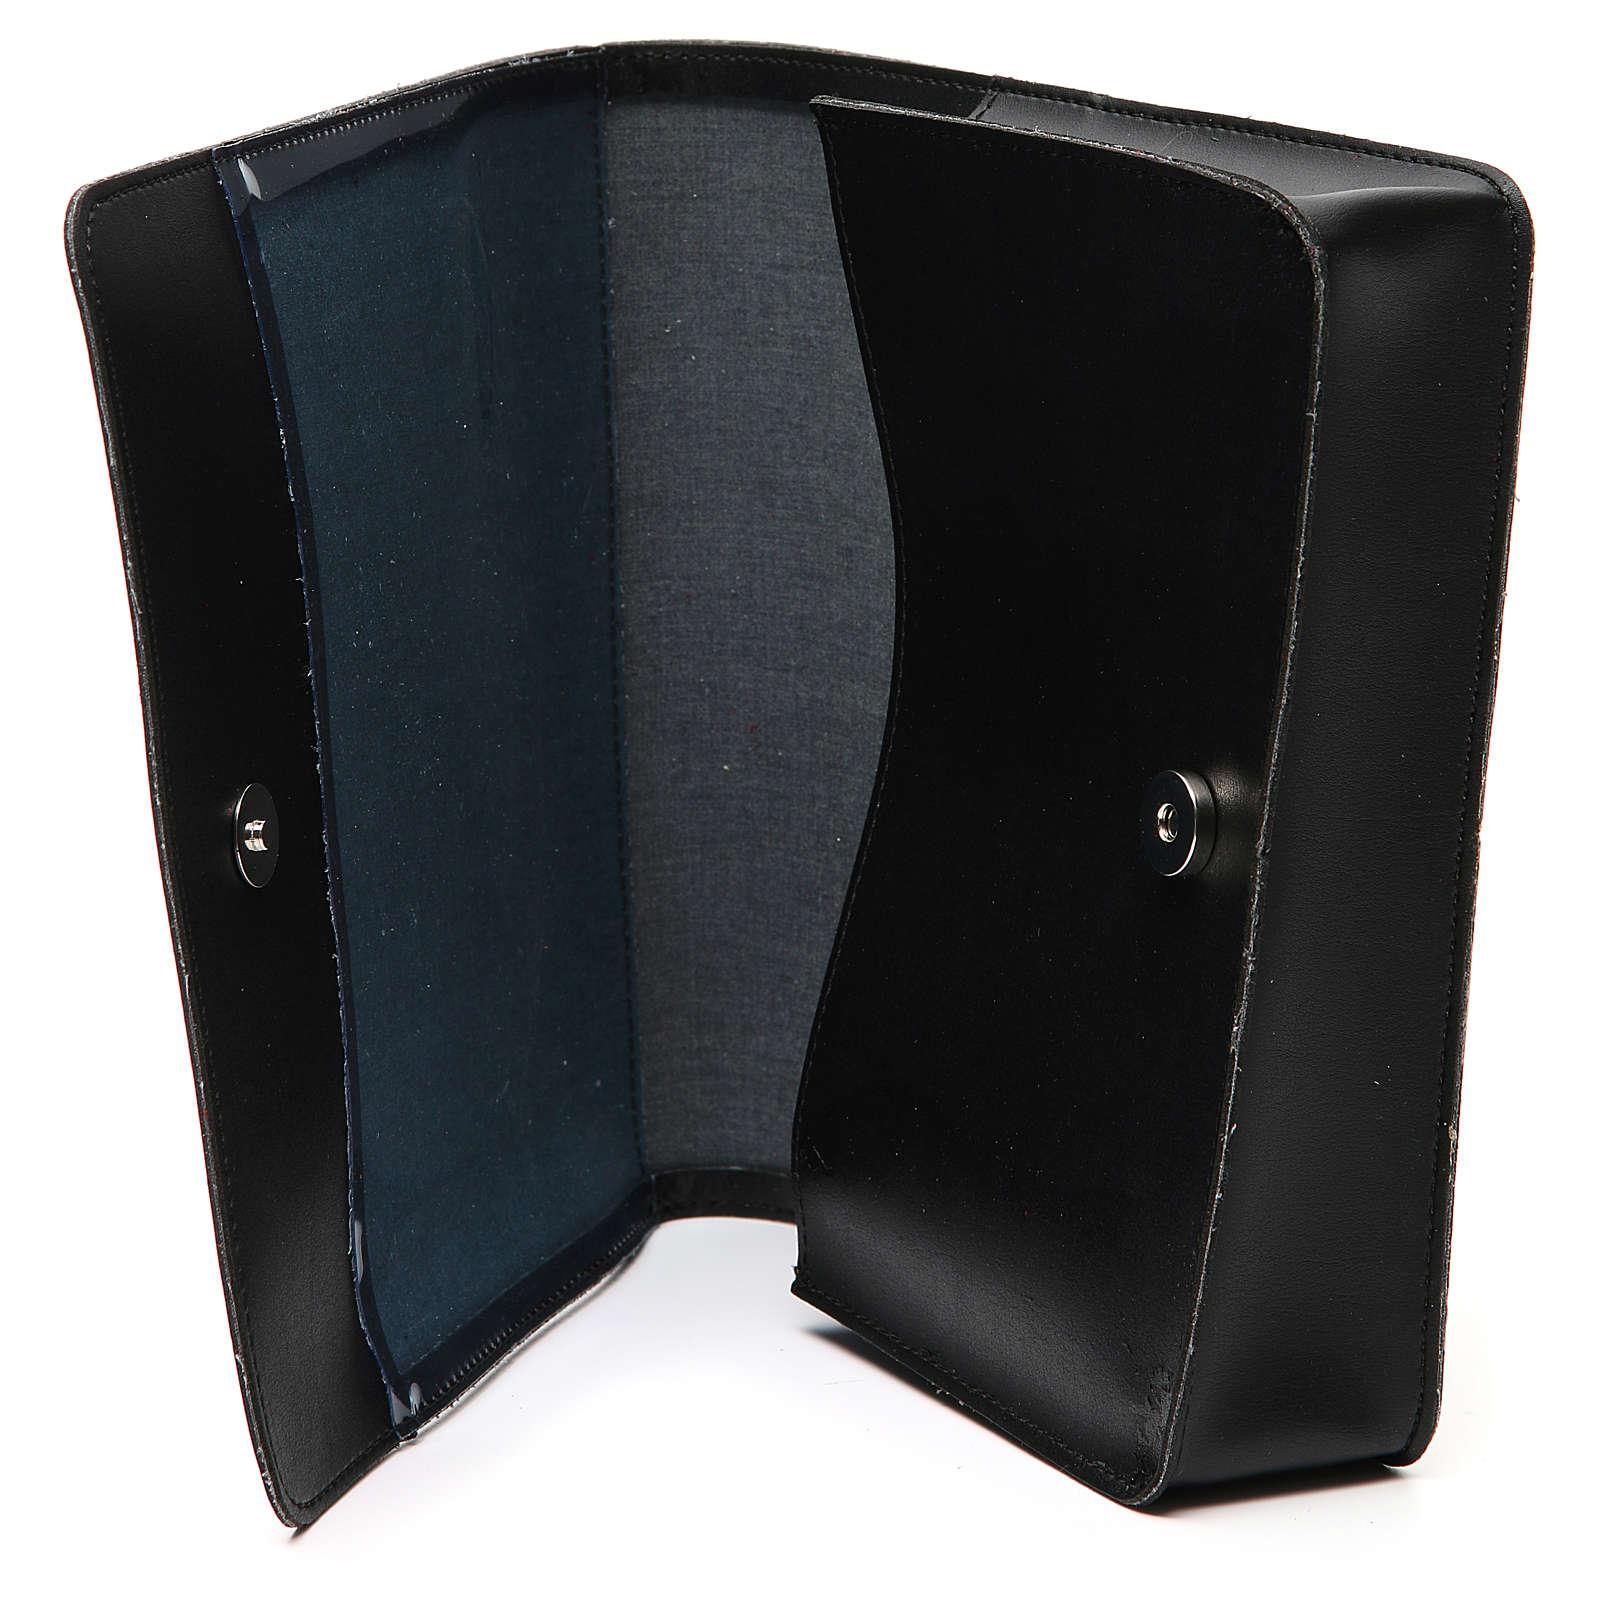 Farde pour partitions chants imitation cuir noir 4